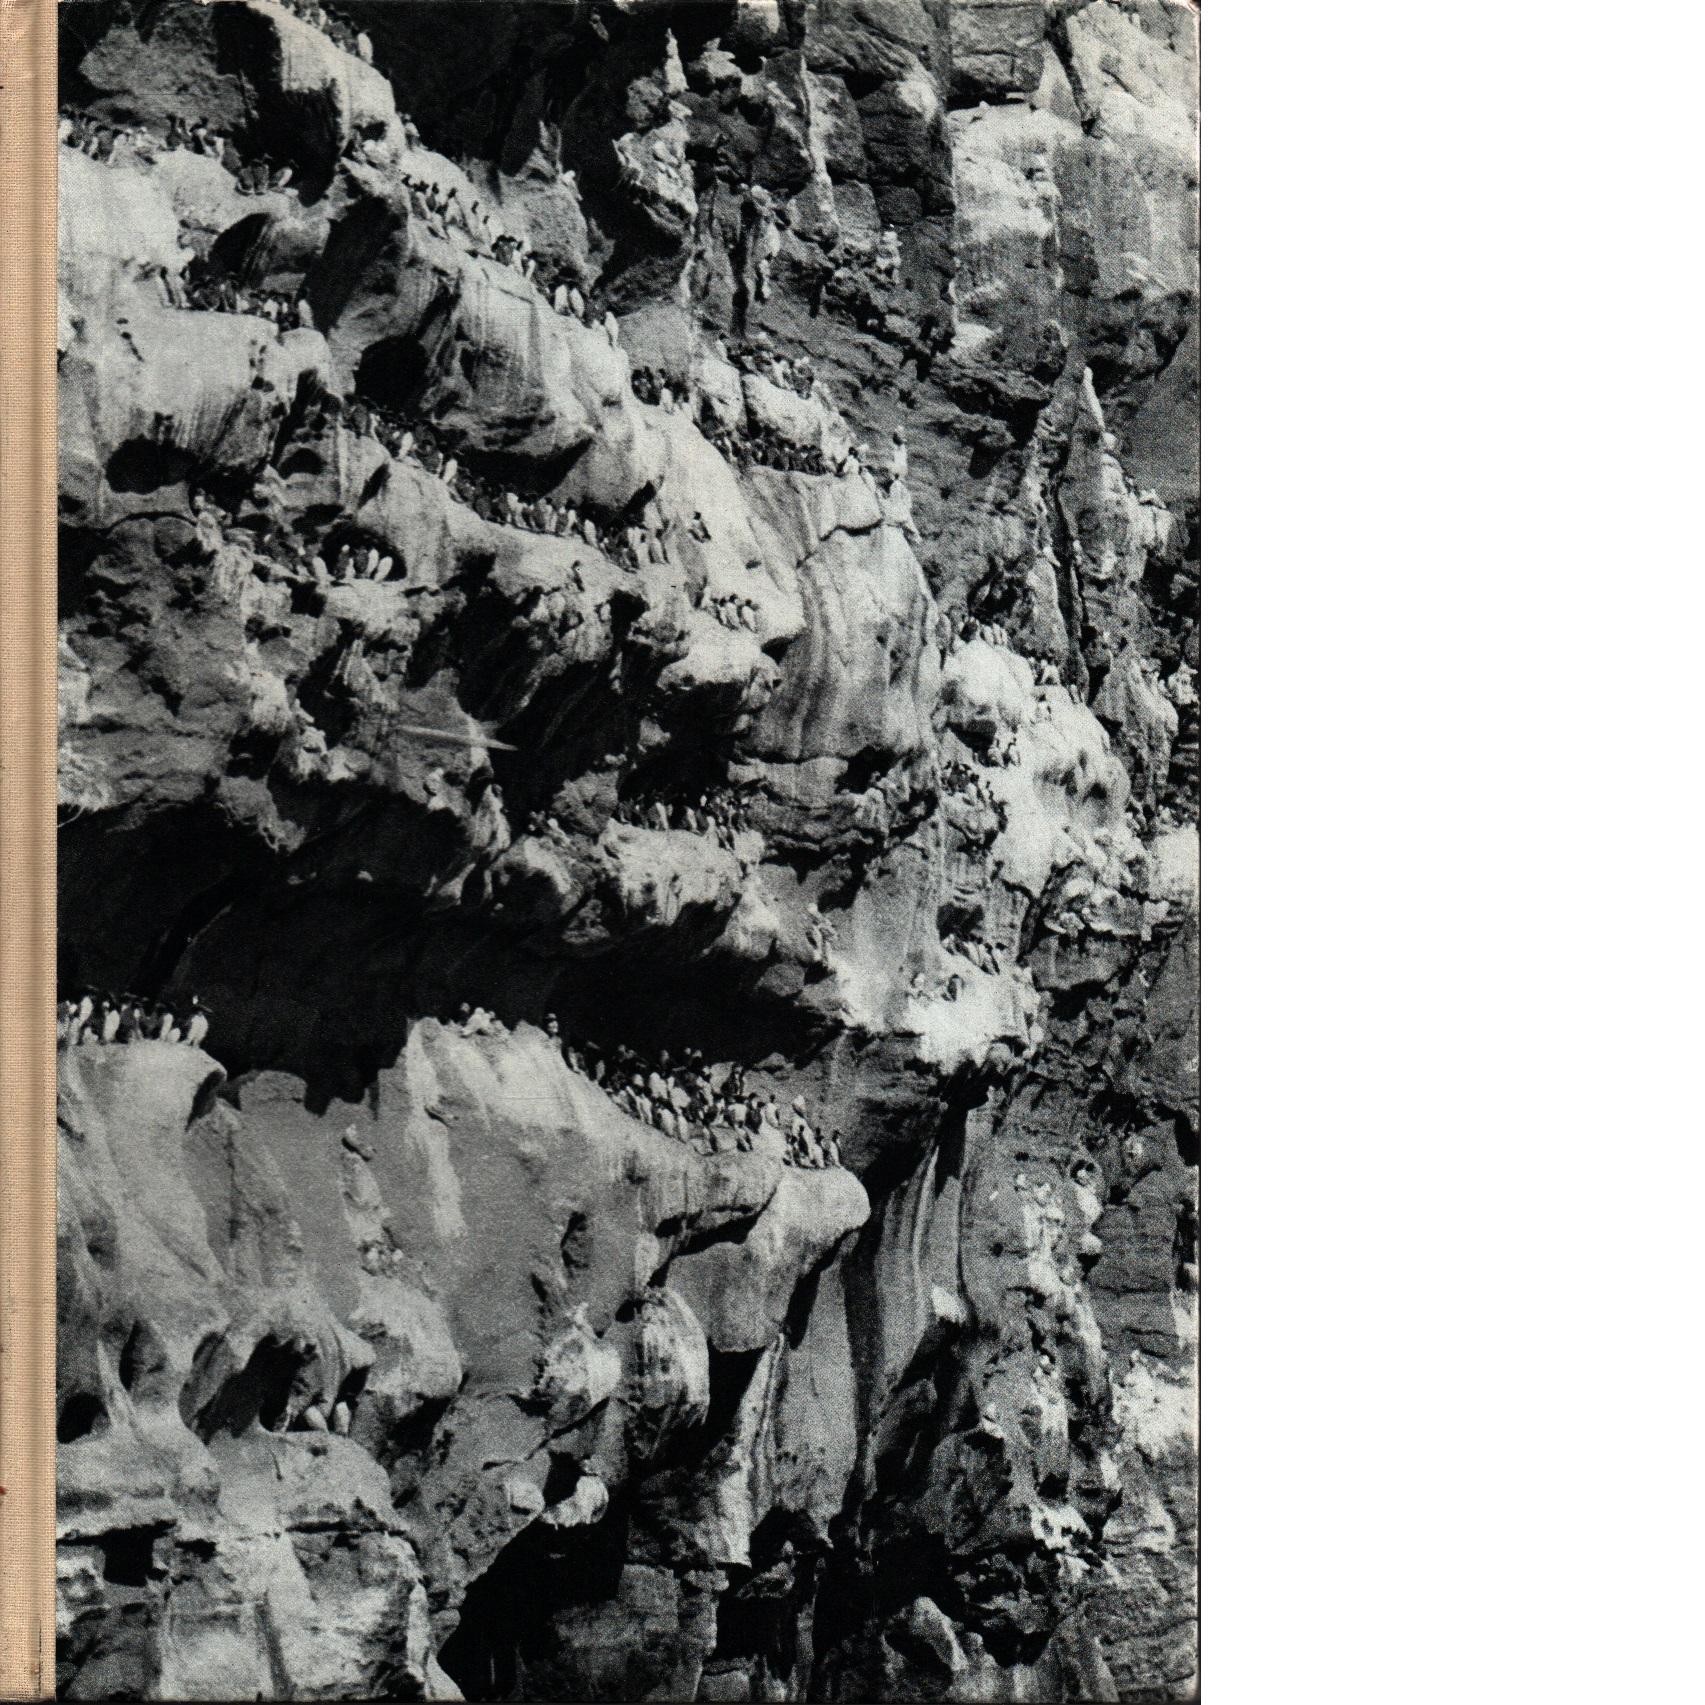 Färöarna - fåglar och fångster - Jonsson, Sixten och Linnman, Nils